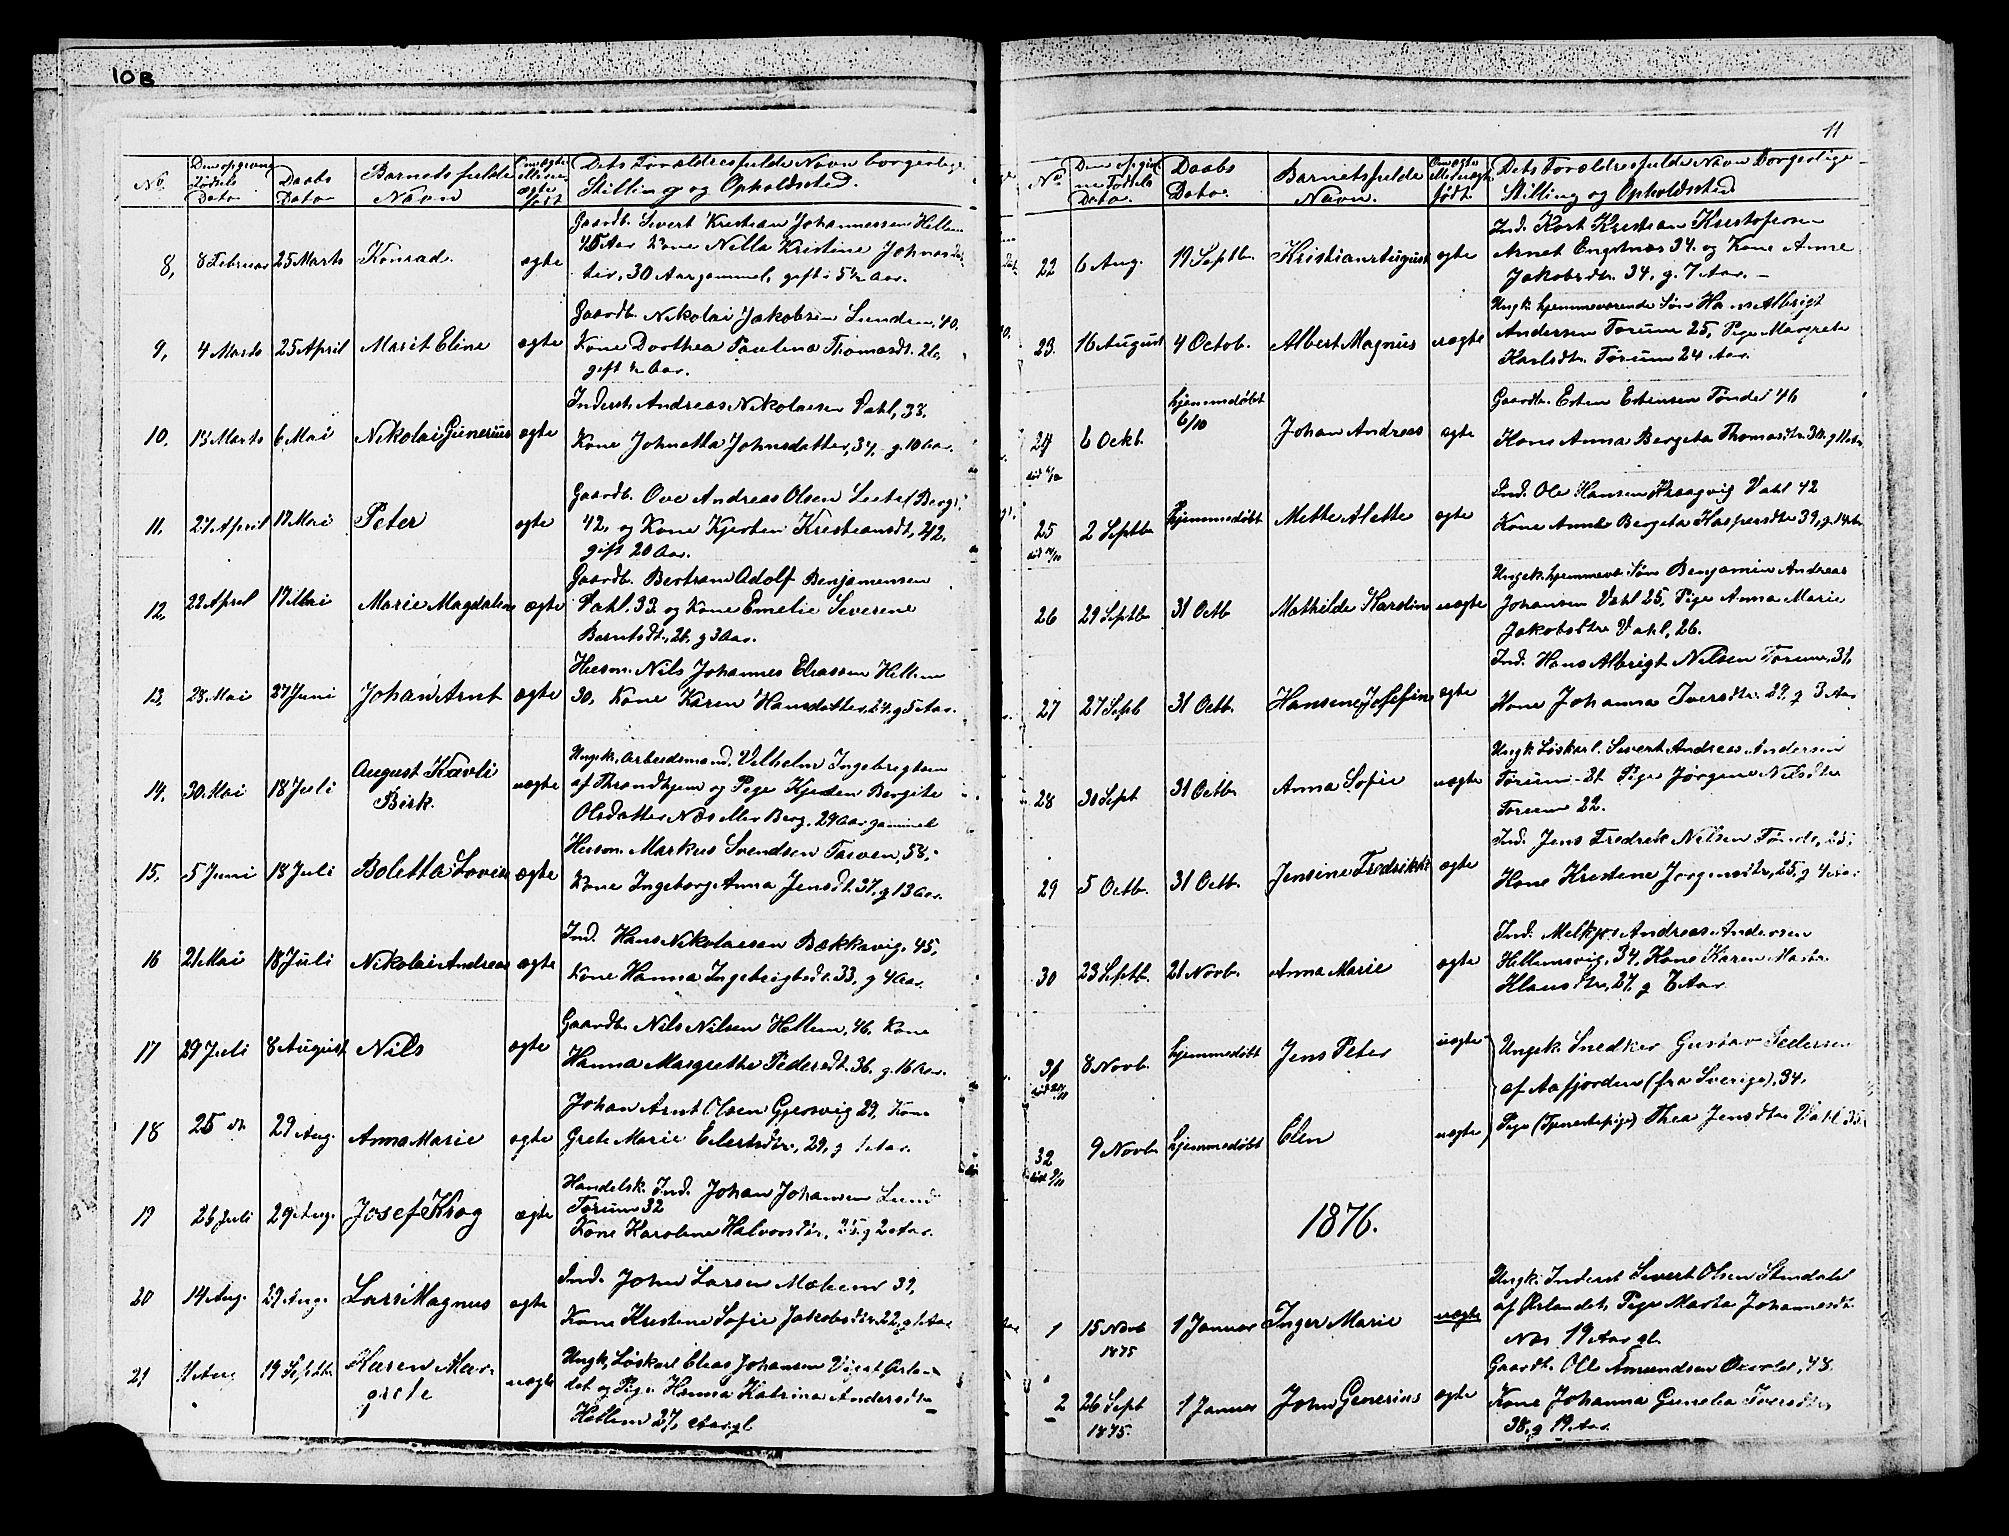 SAT, Ministerialprotokoller, klokkerbøker og fødselsregistre - Sør-Trøndelag, 652/L0653: Klokkerbok nr. 652C01, 1866-1910, s. 11